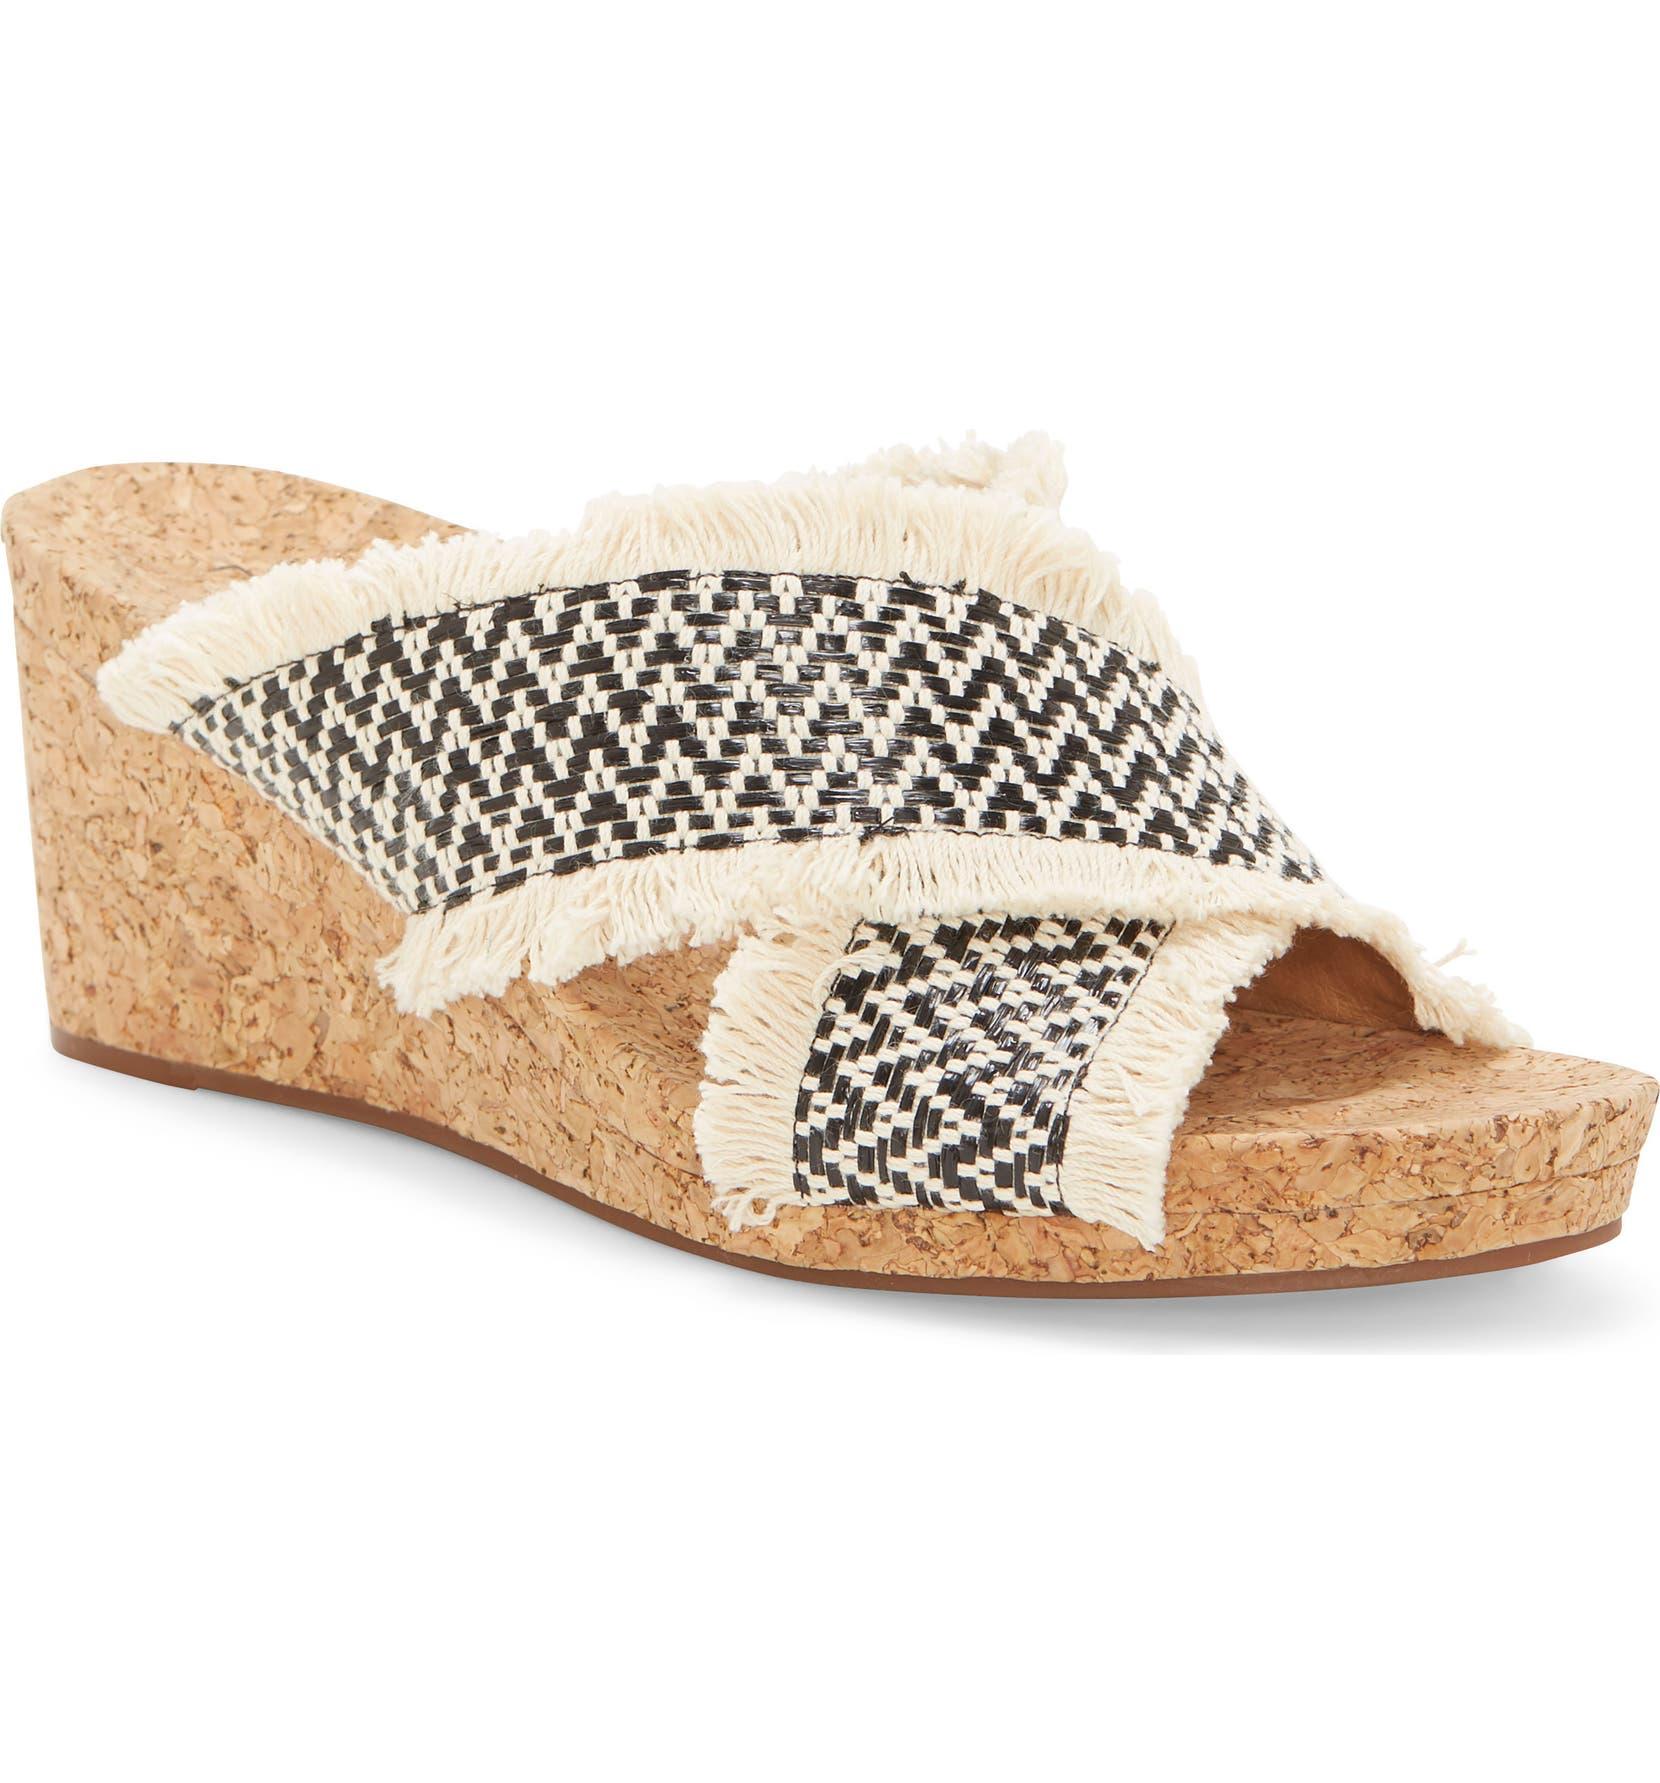 Khillian Slide Khillian Sandal Khillian Woven Wedge Sandal Woven Slide Woven Wedge HIY29DWE